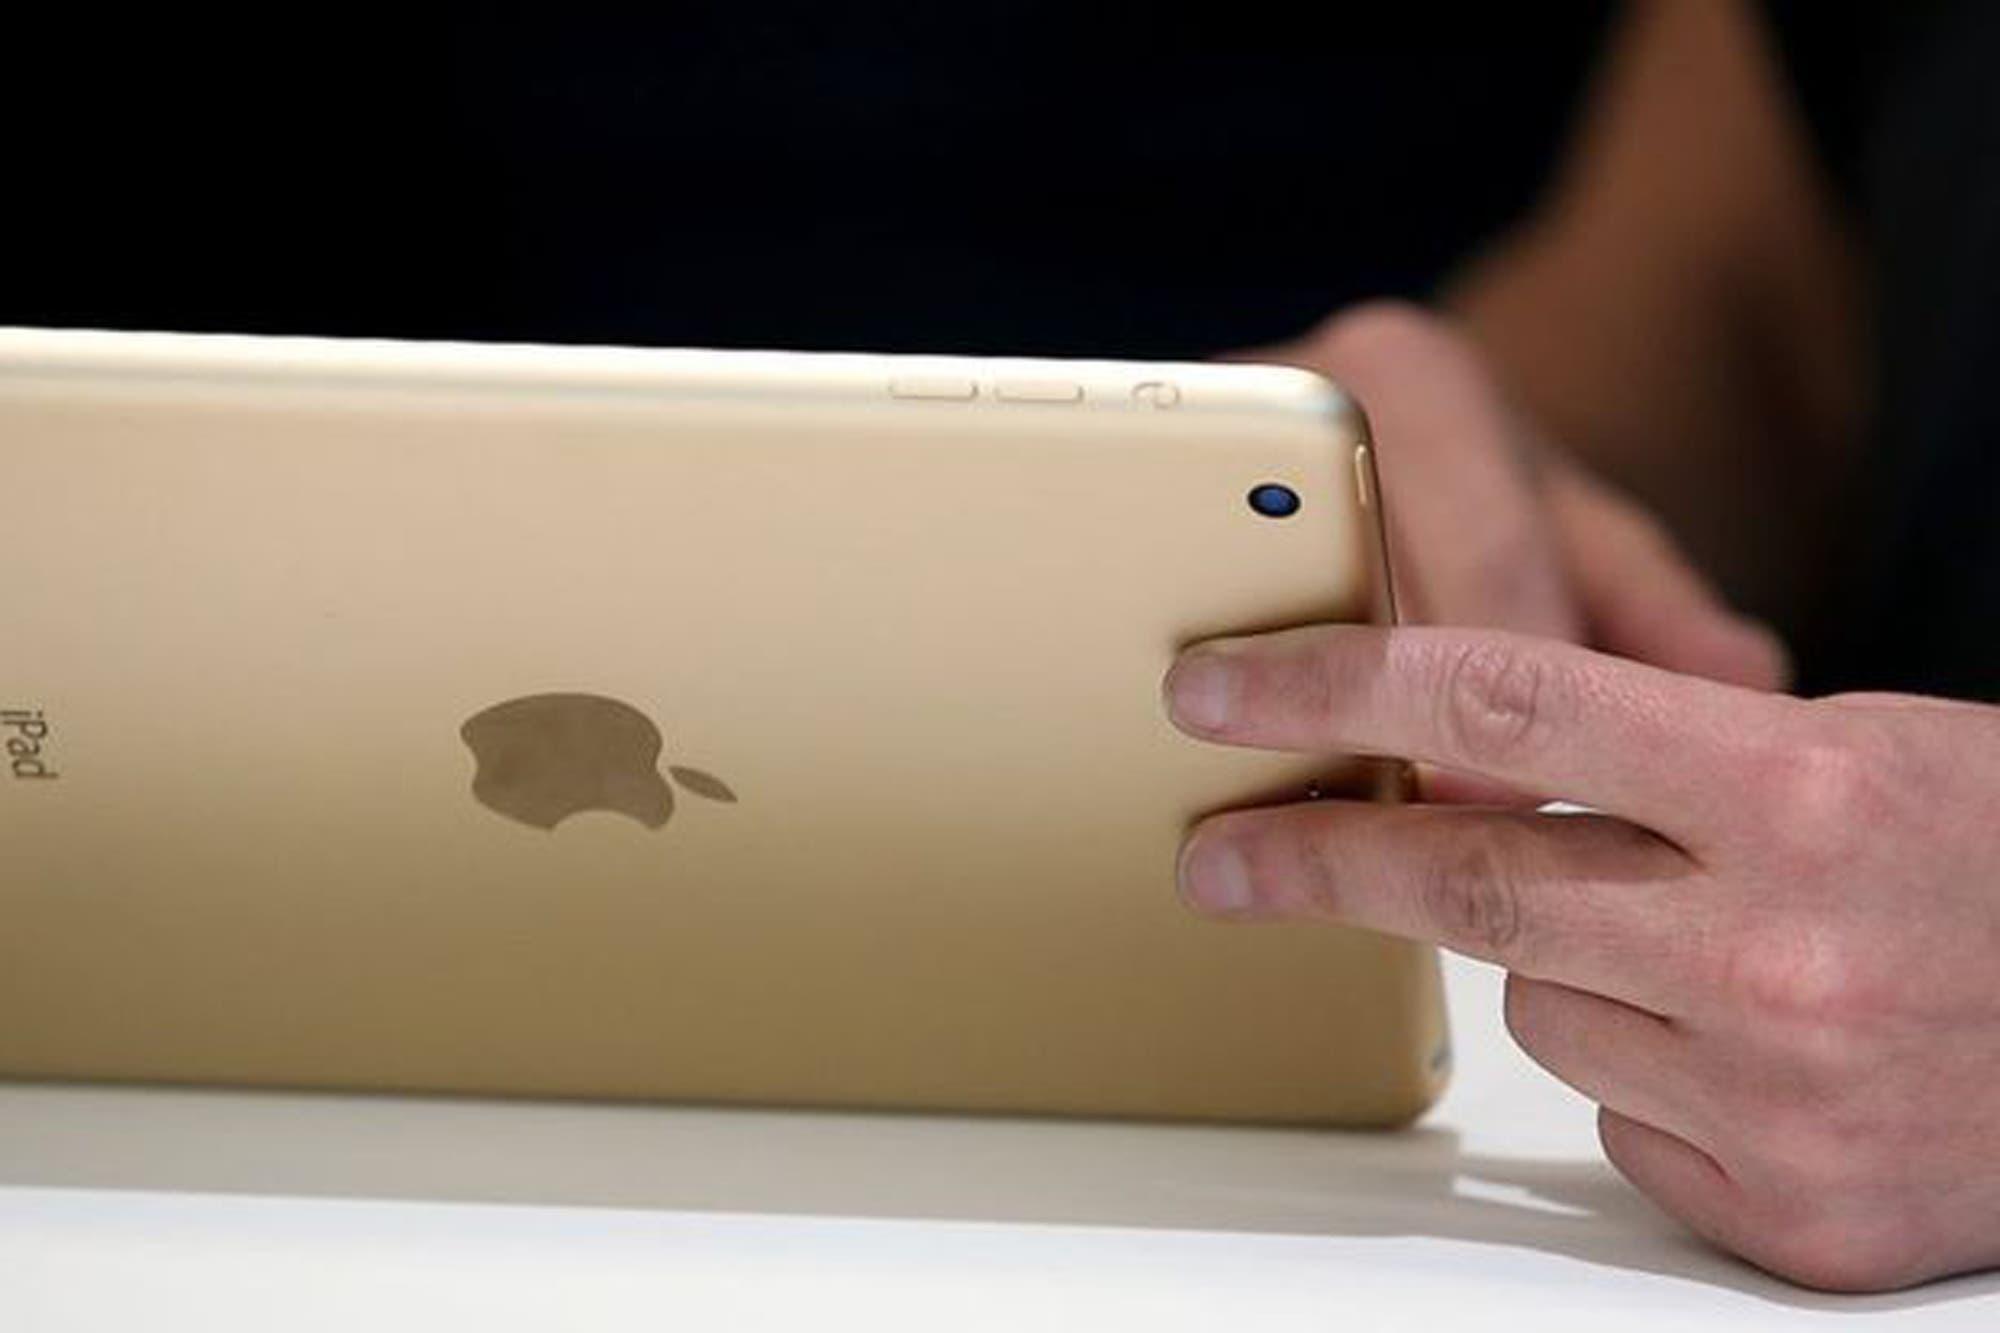 El curioso caso del niño que bloqueó la tableta de su padre por 48 años